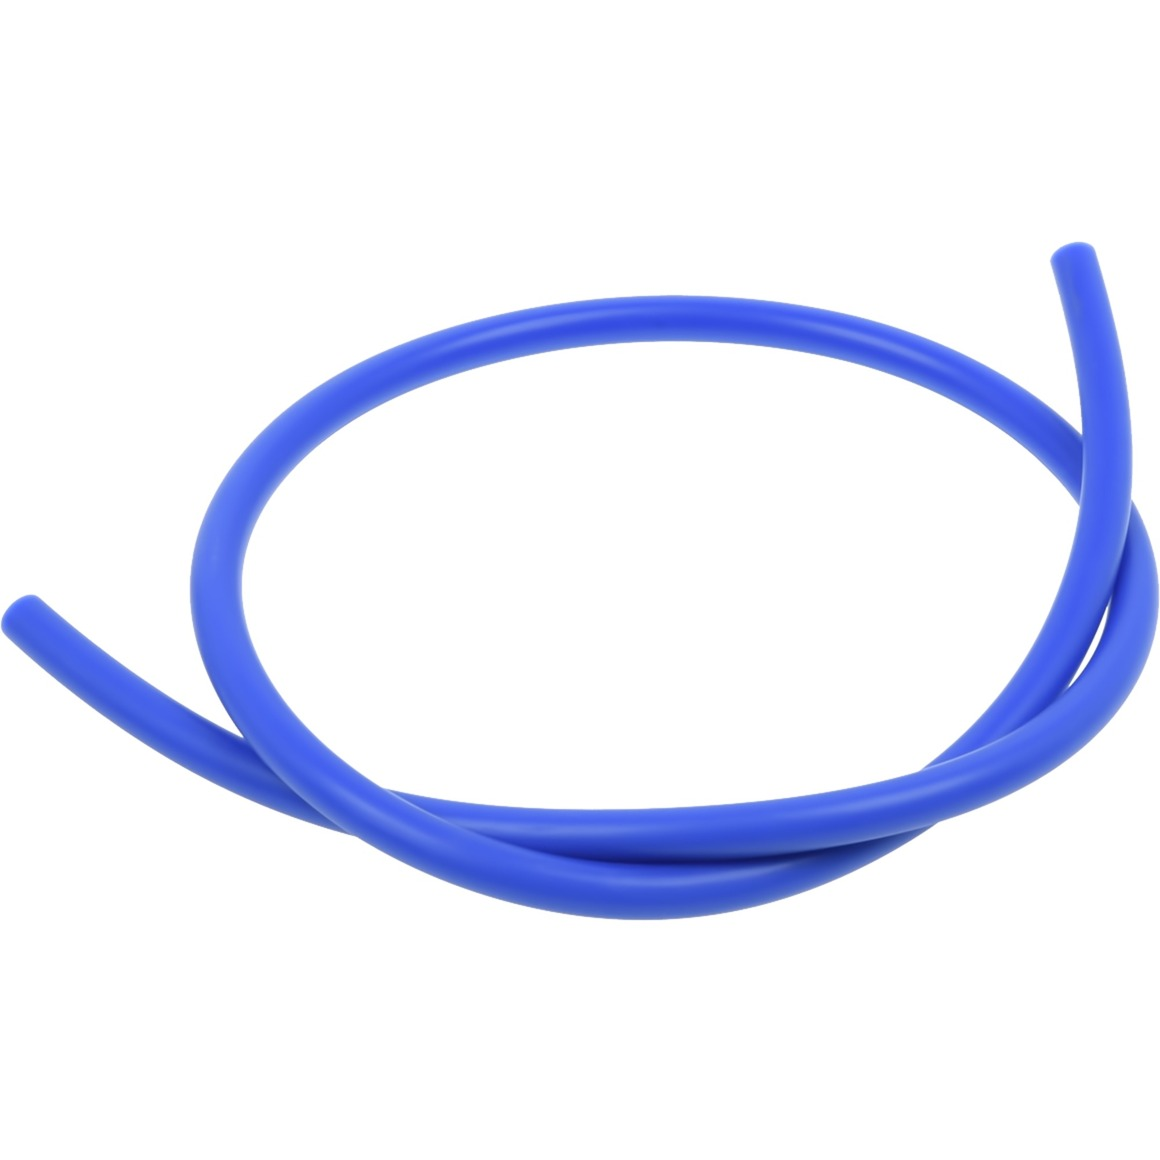 29116 1m Azul manguera de compresores de aire, Modding